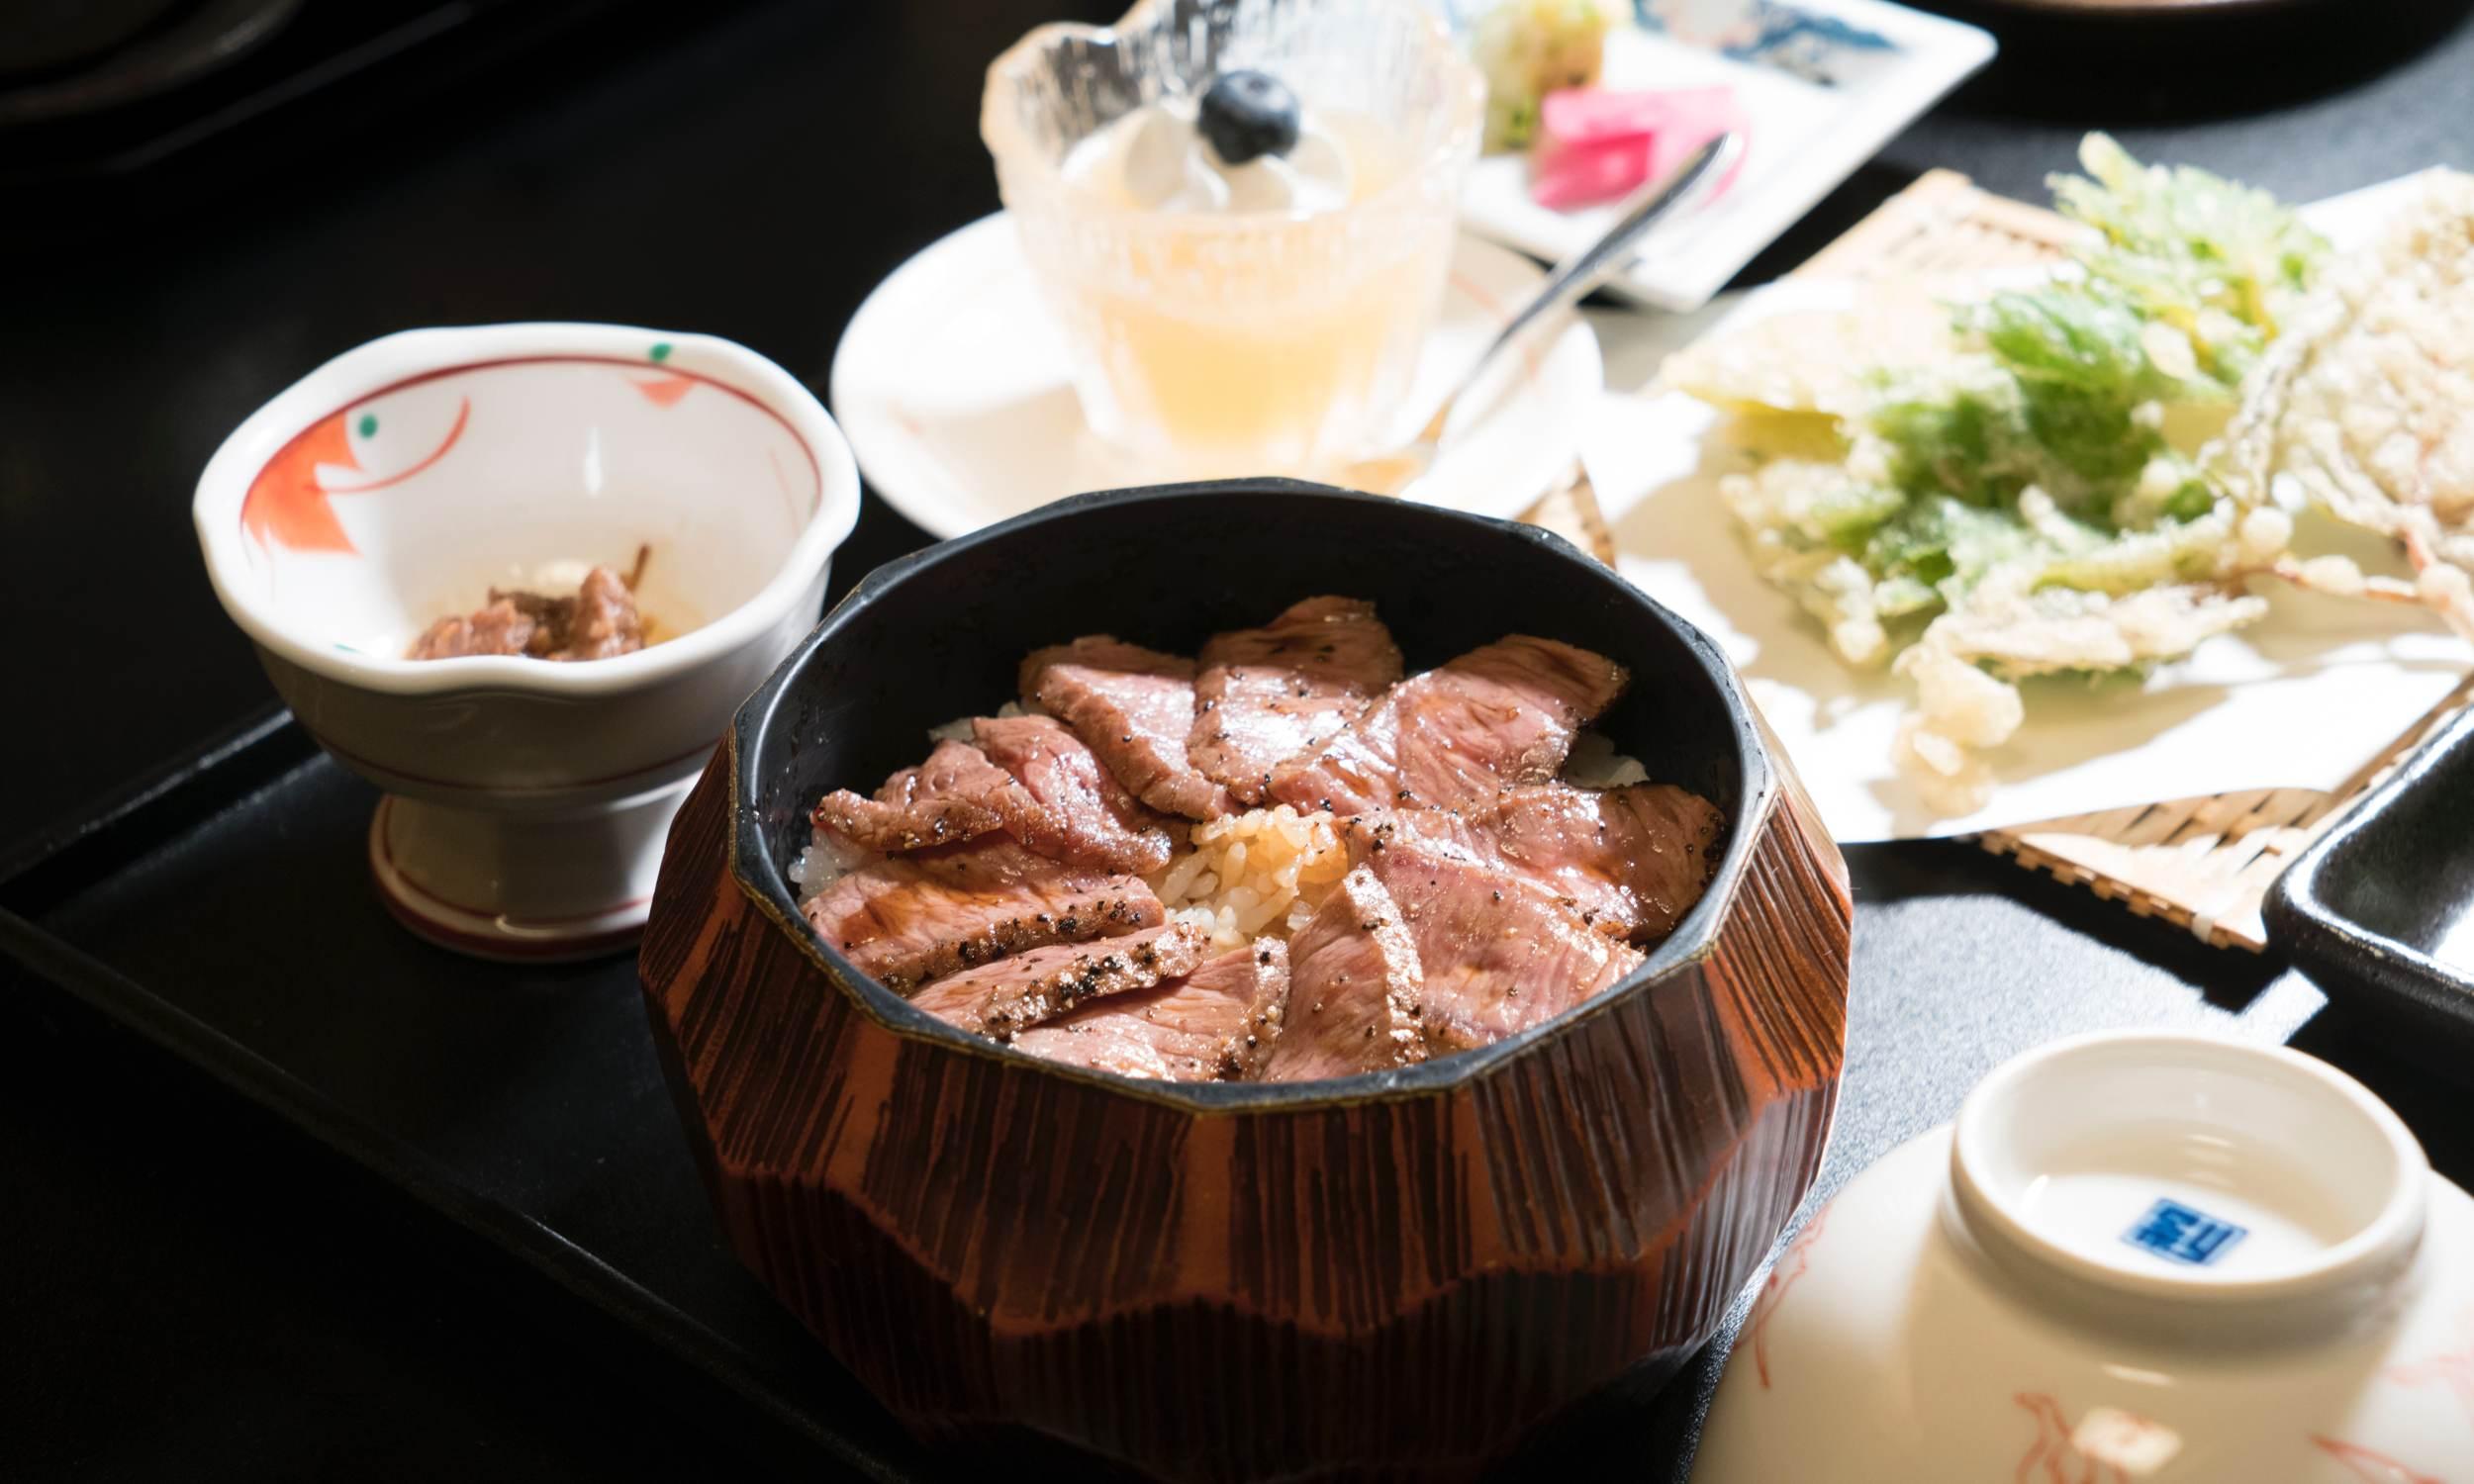 Hida Beef Hitsumabushi donburi